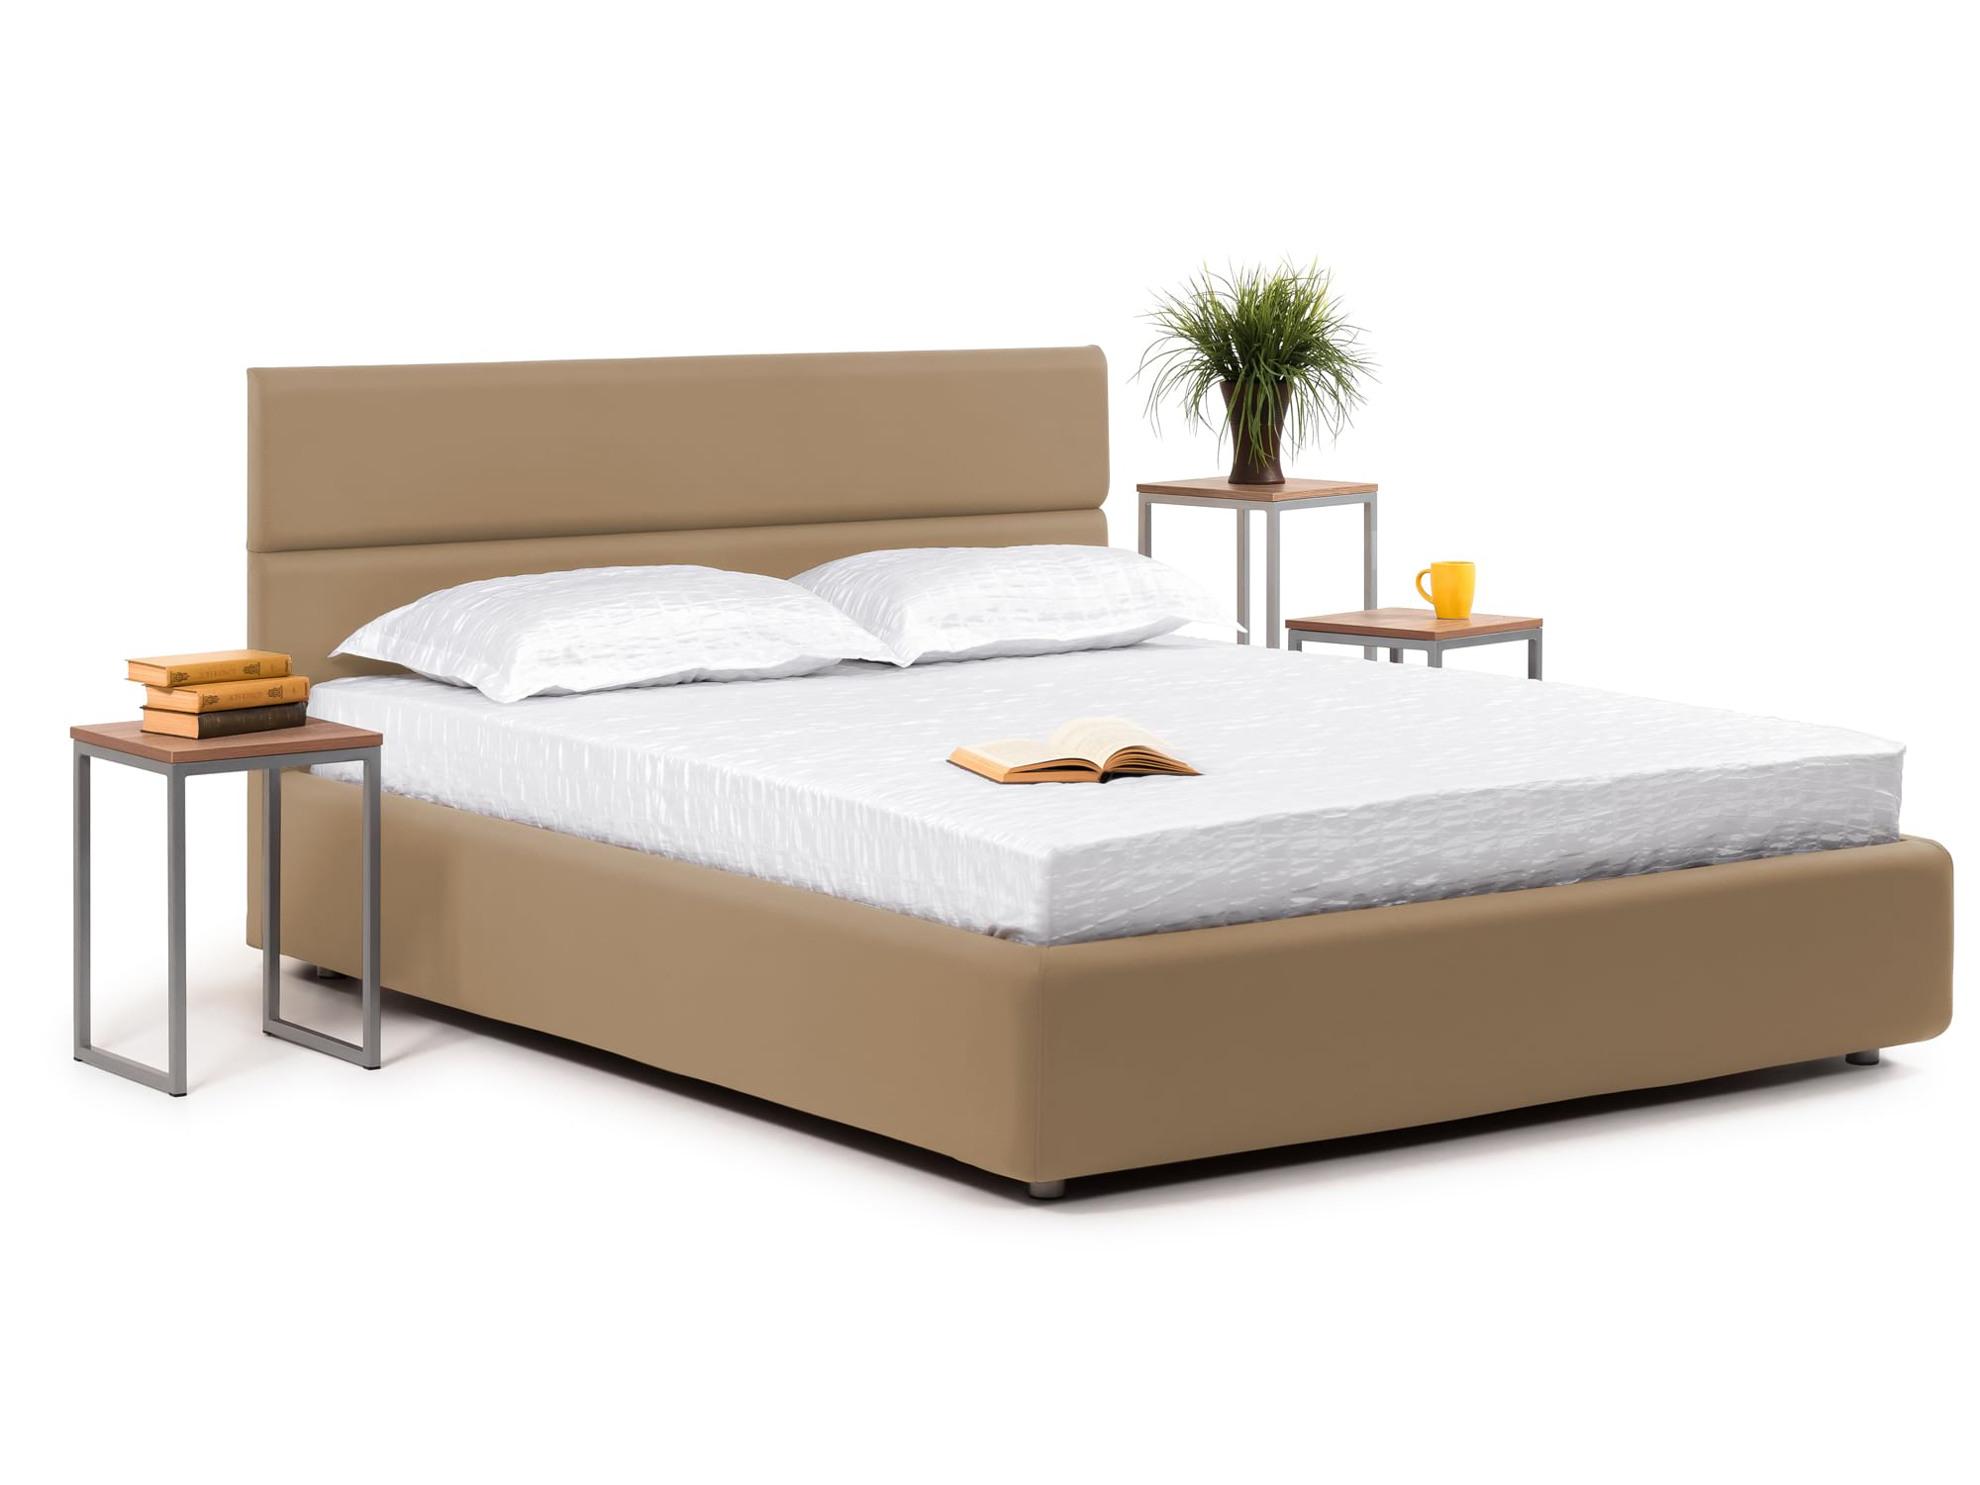 Ліжко Лаура 160x200 Коричневий 2 -1